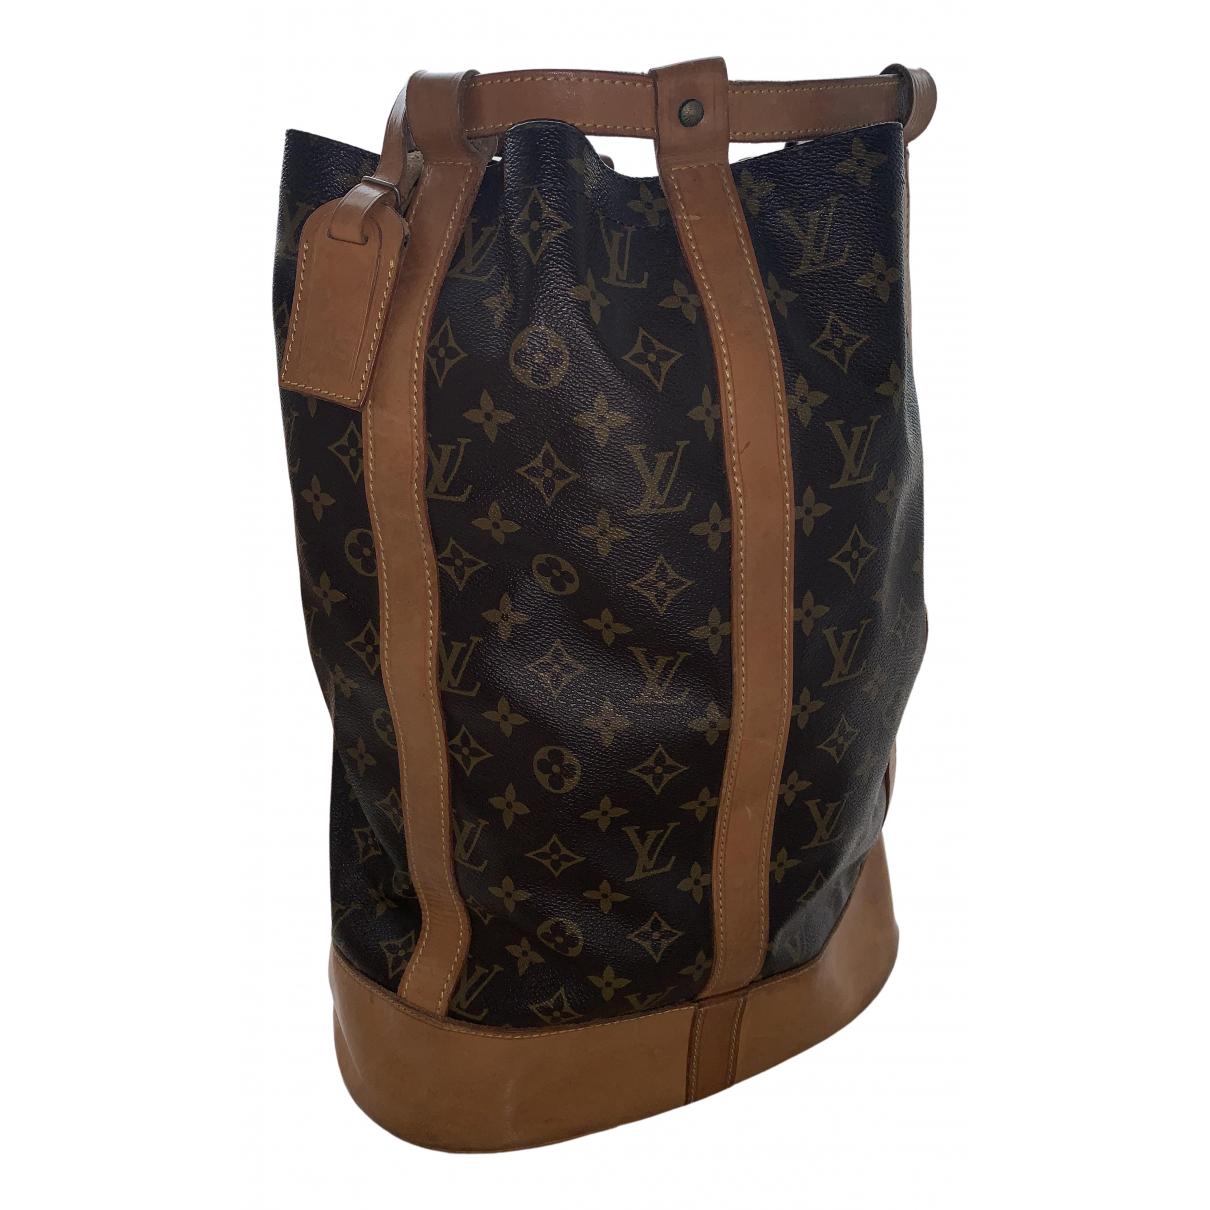 Louis Vuitton - Sac de voyage Randonnee pour femme en toile - marron